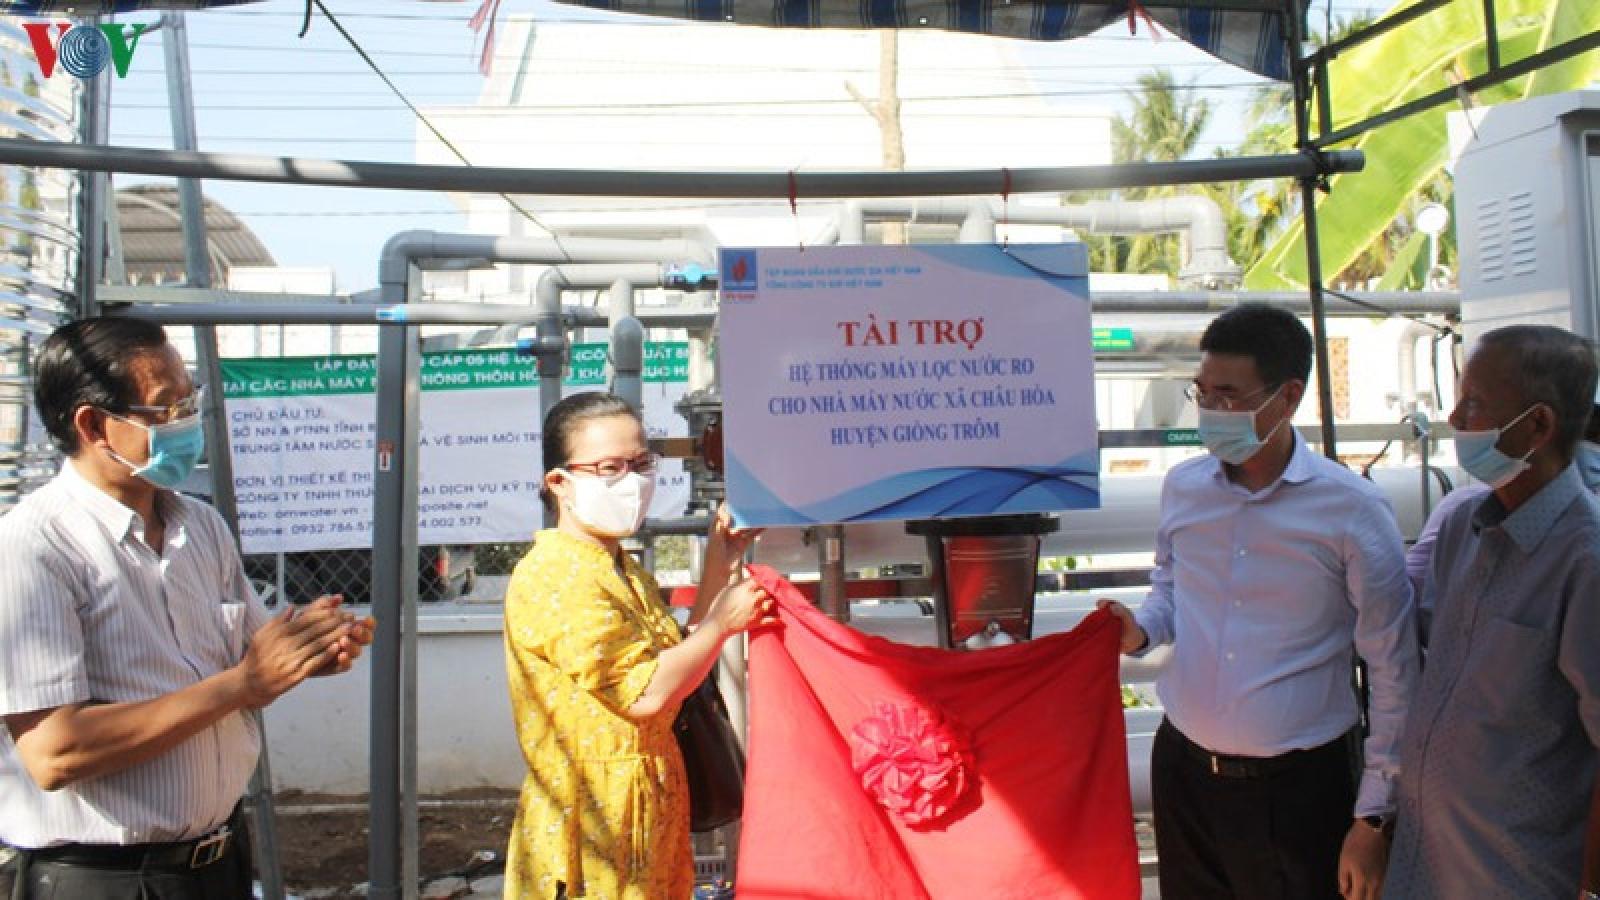 Chủ tịch Quốc hội dự lễ trao tặng máy xử lý nước cho người dân nghèo